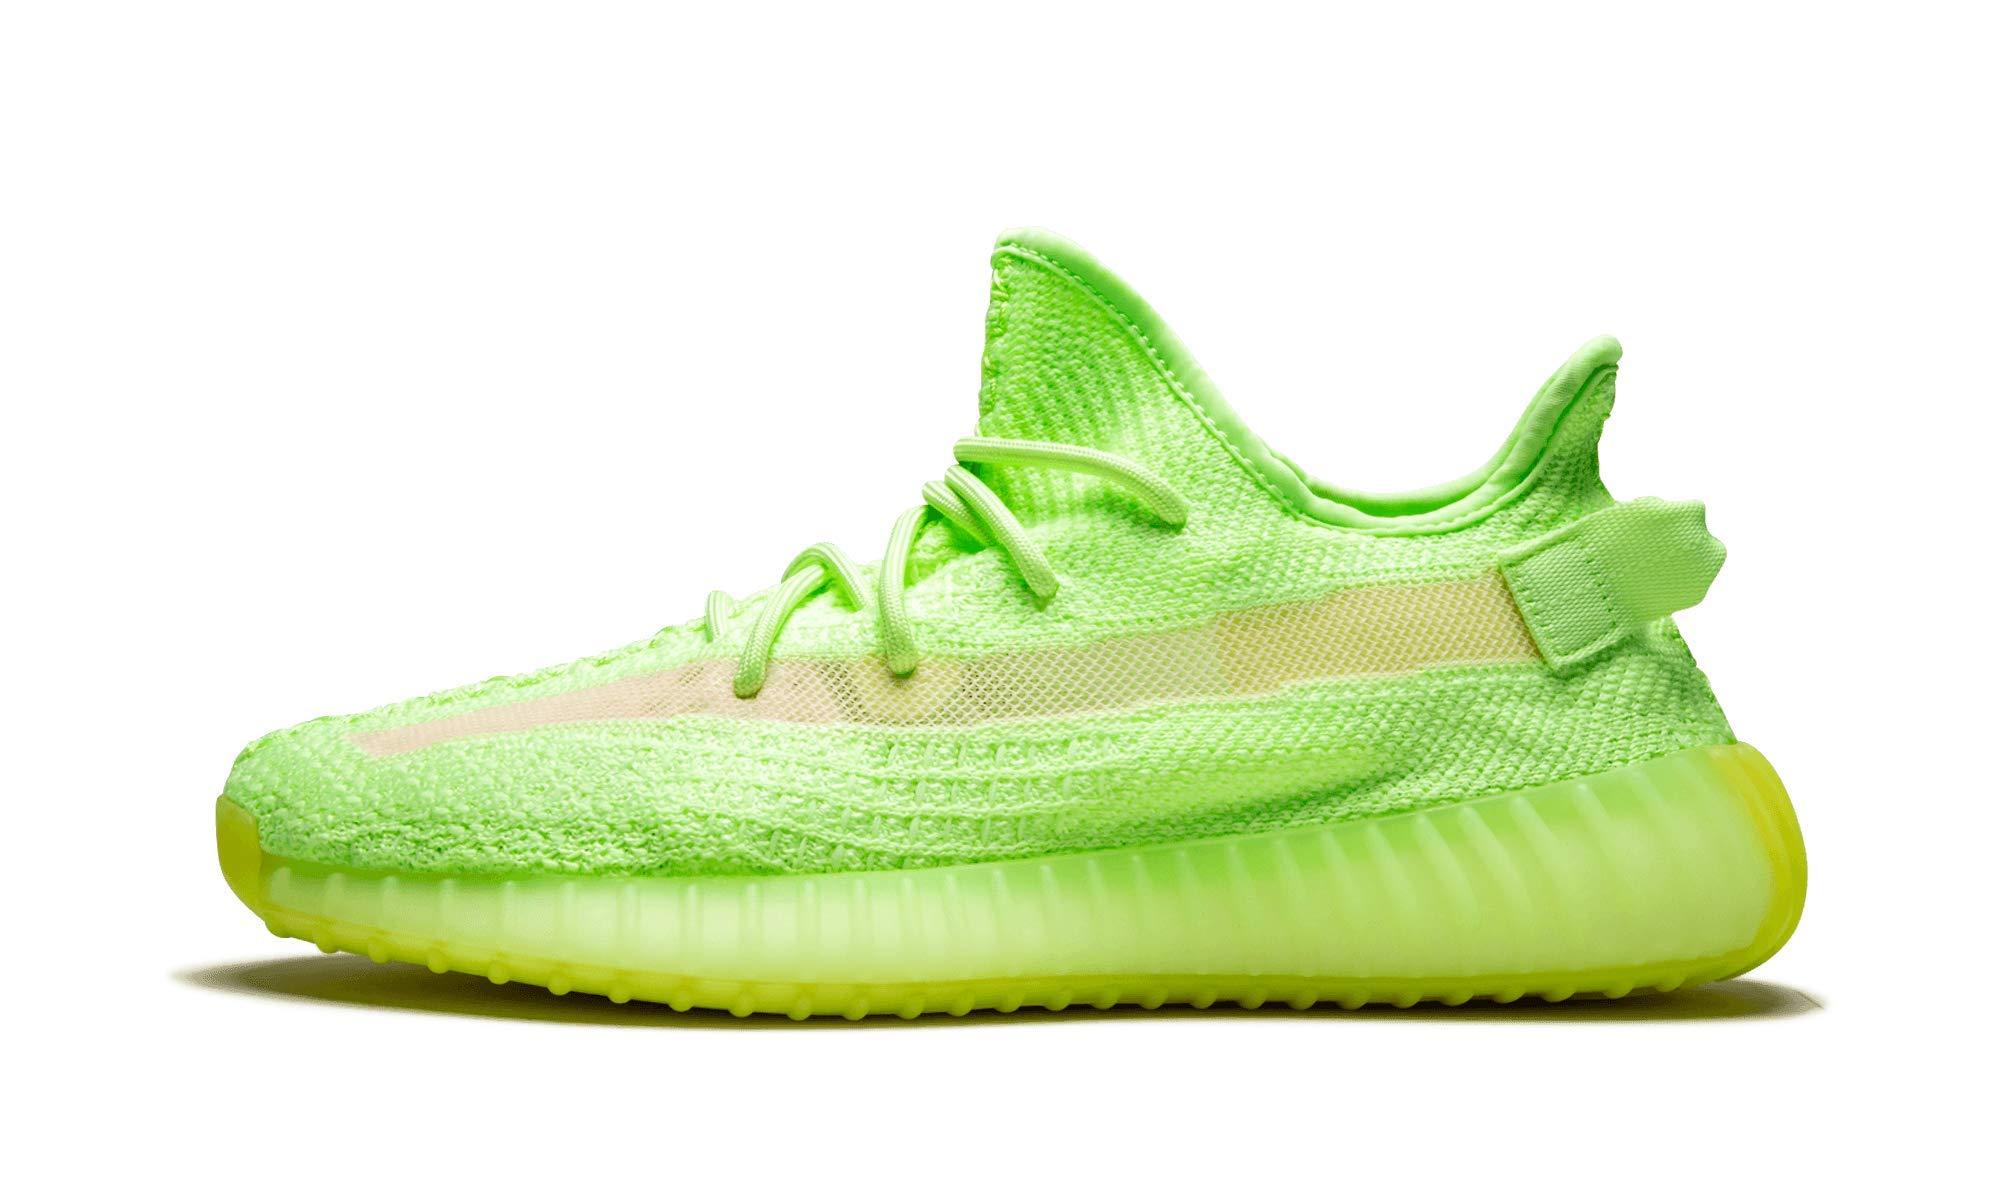 adidas Yeezy Boost 350 V2 (Glow/Glow-Glow 7.5) by adidas